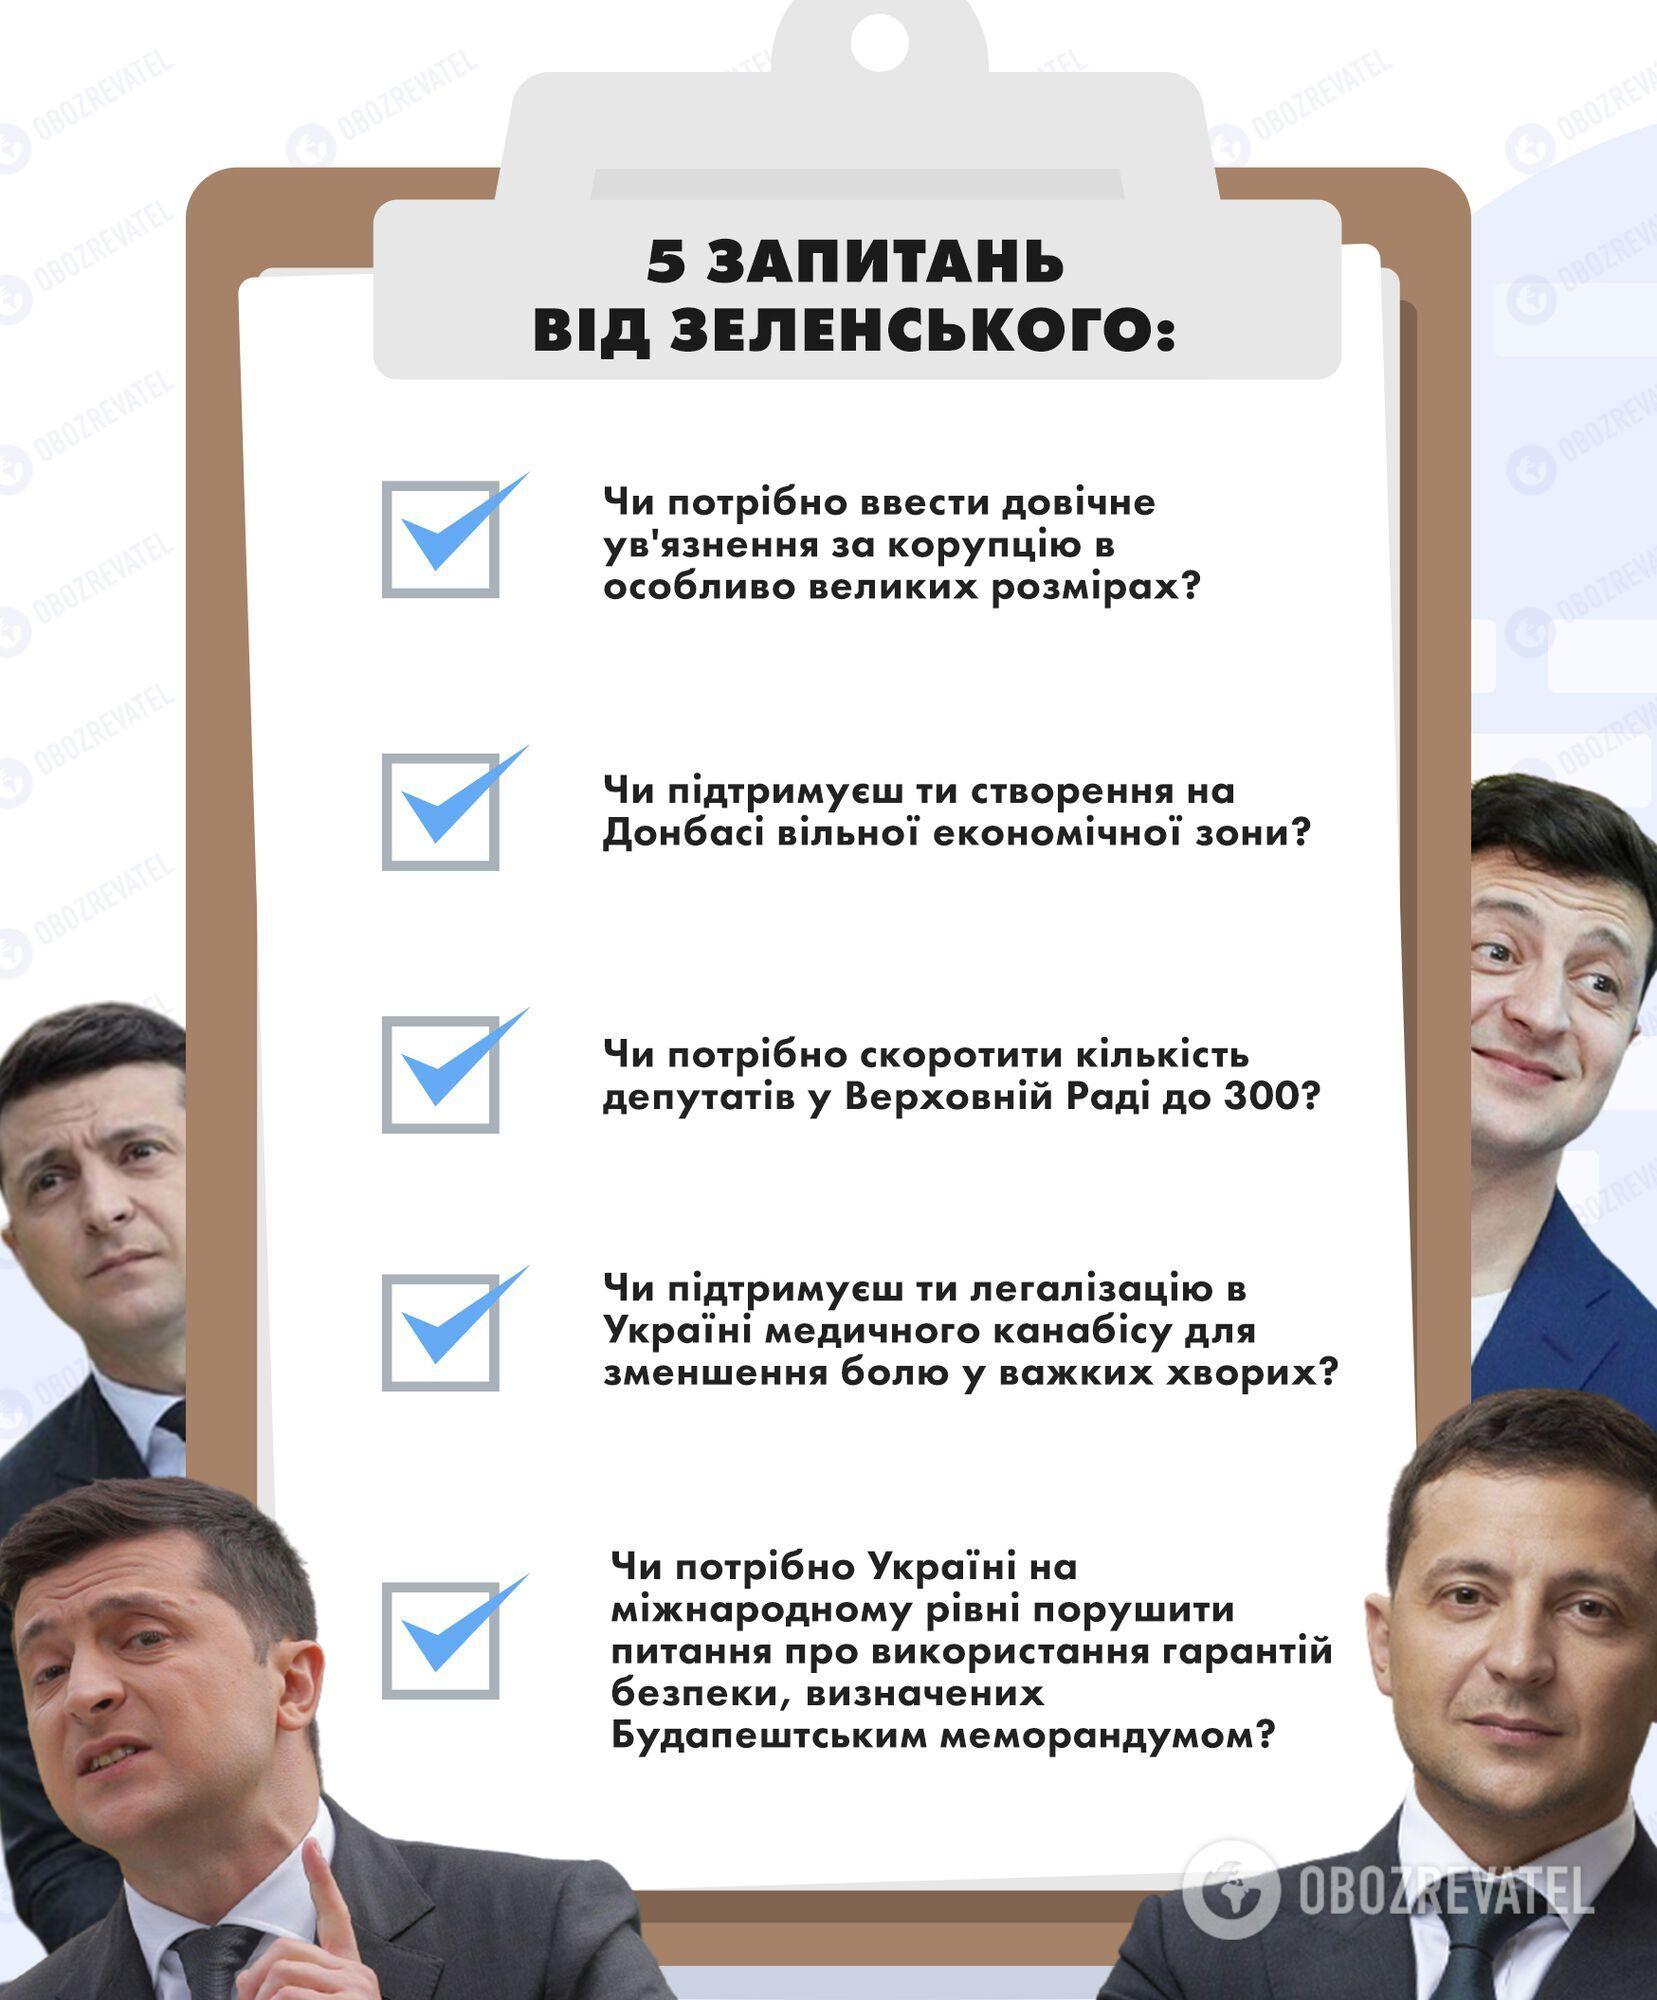 В ОП рассказали, почему Зеленский решил спросить украинцев о каннабисе